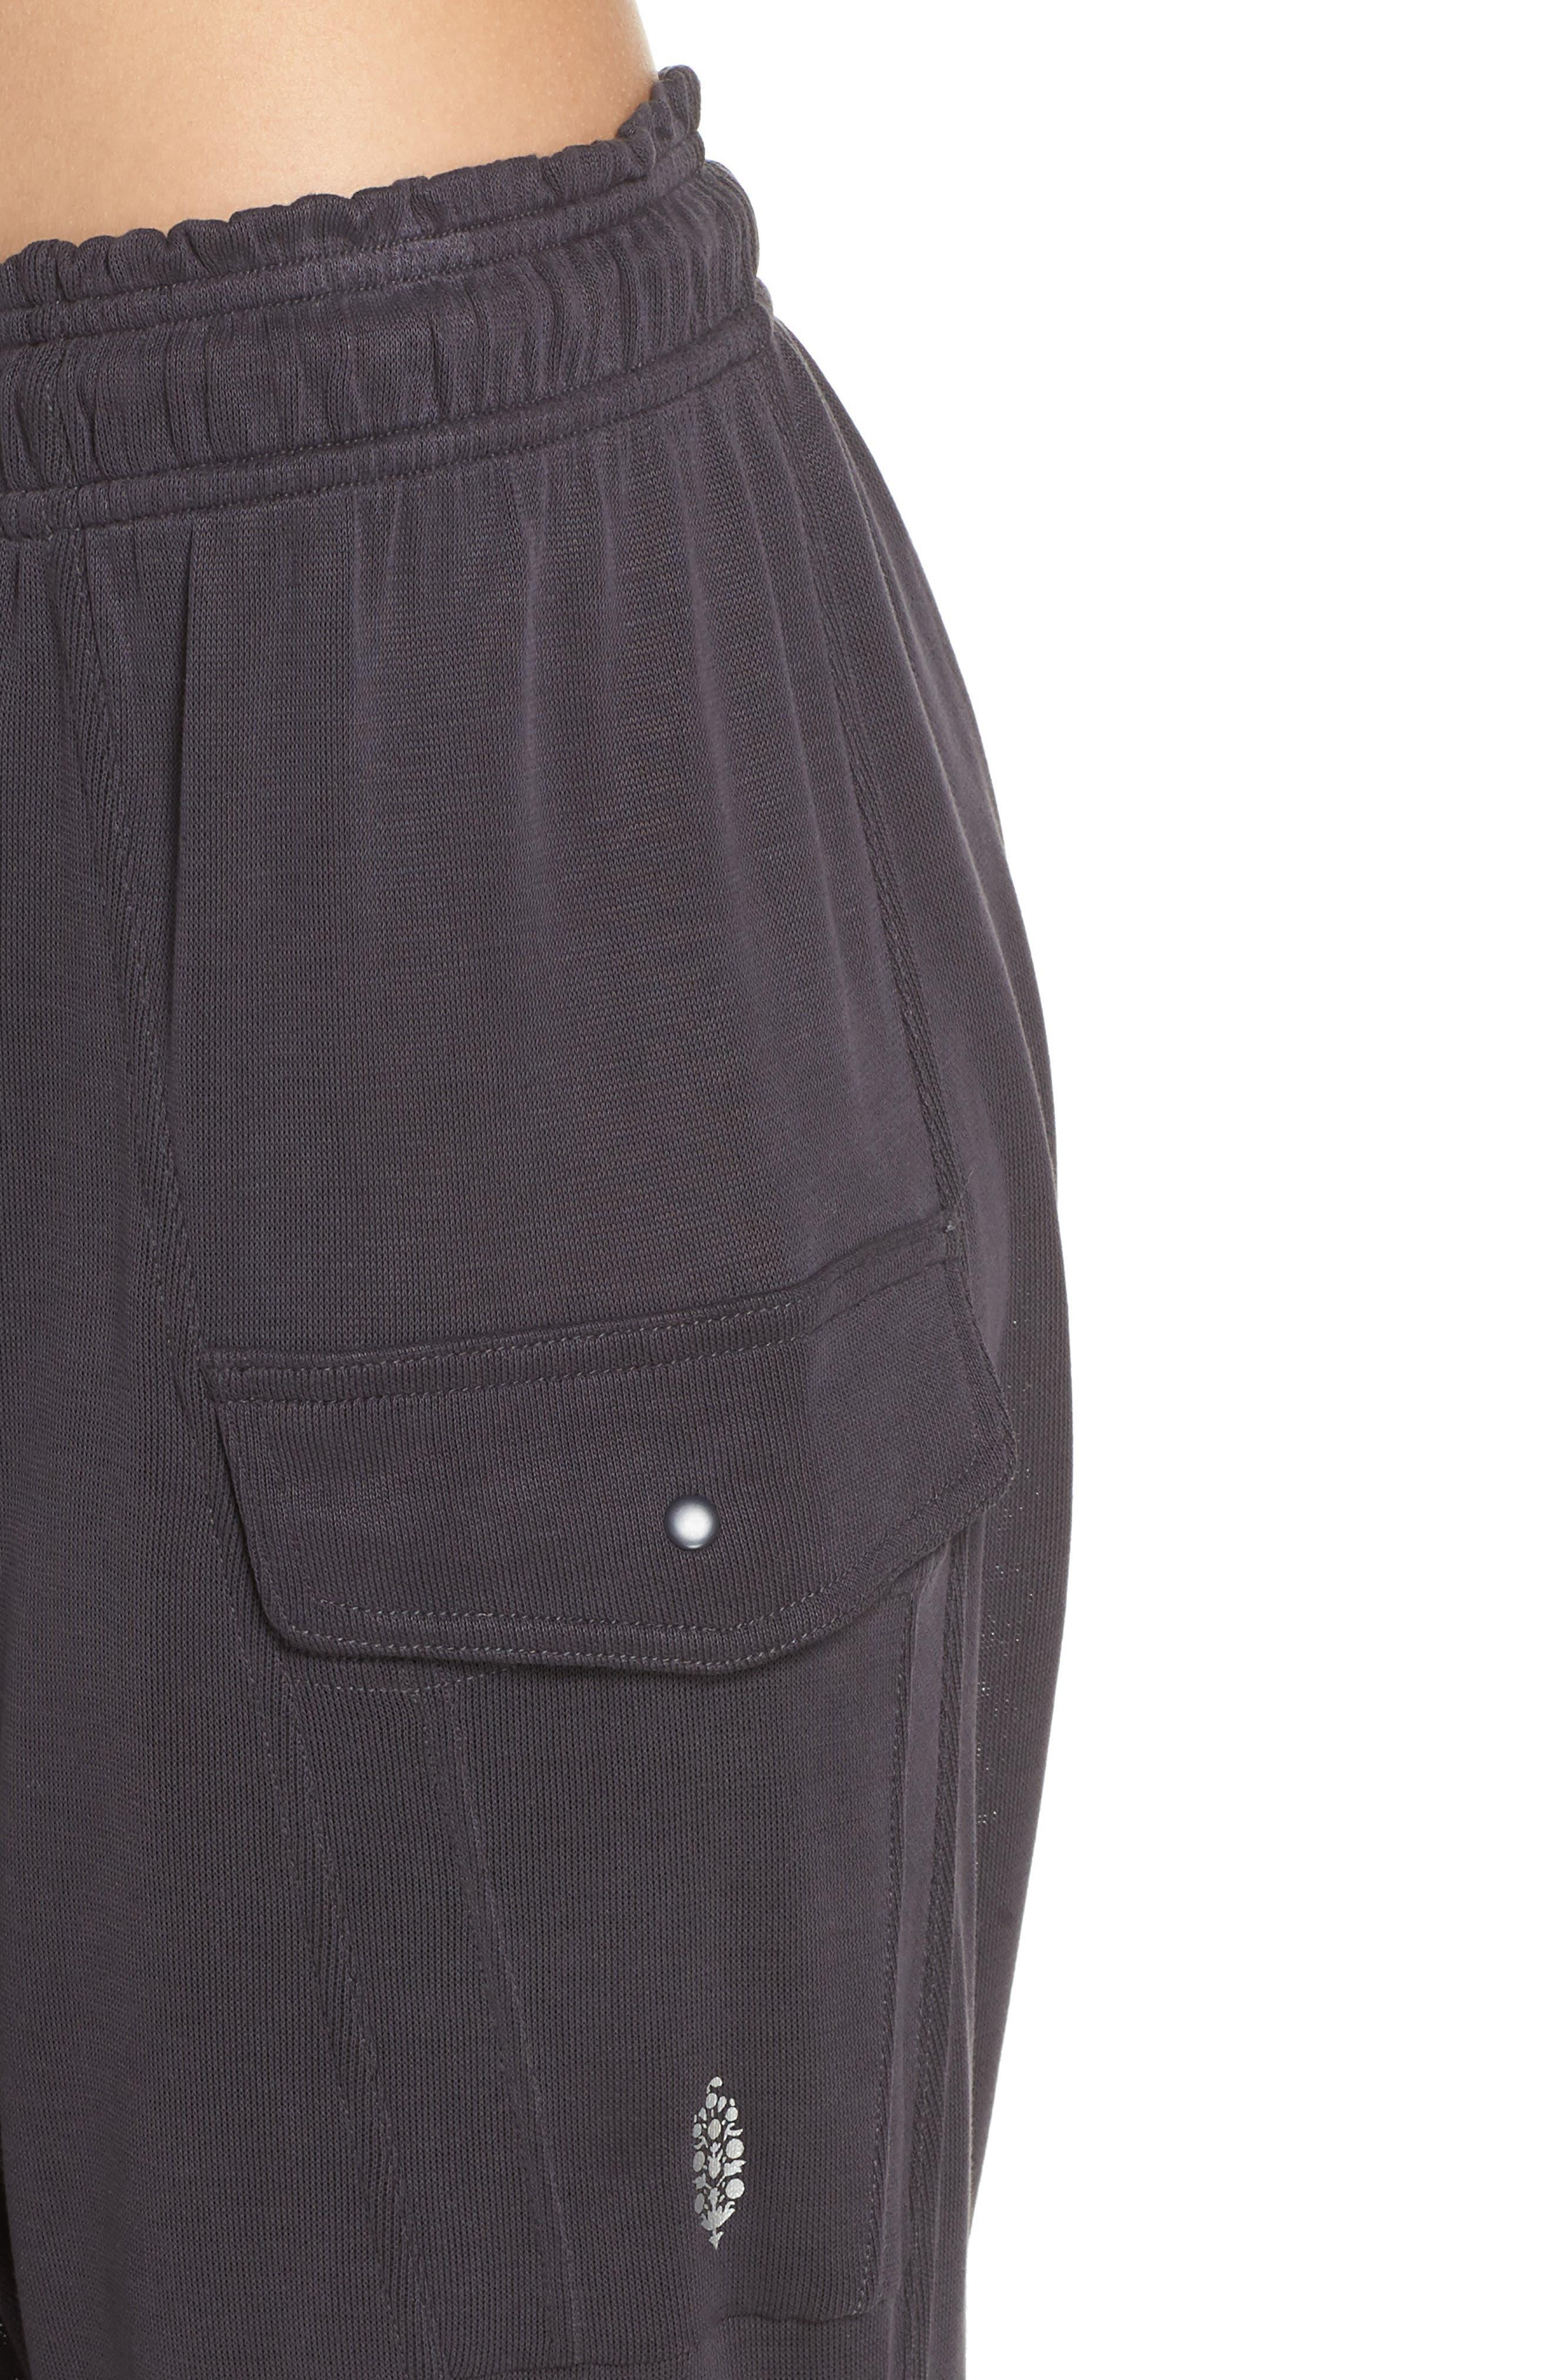 Just Like That Harem Pants,                             Alternate thumbnail 4, color,                             BLACK